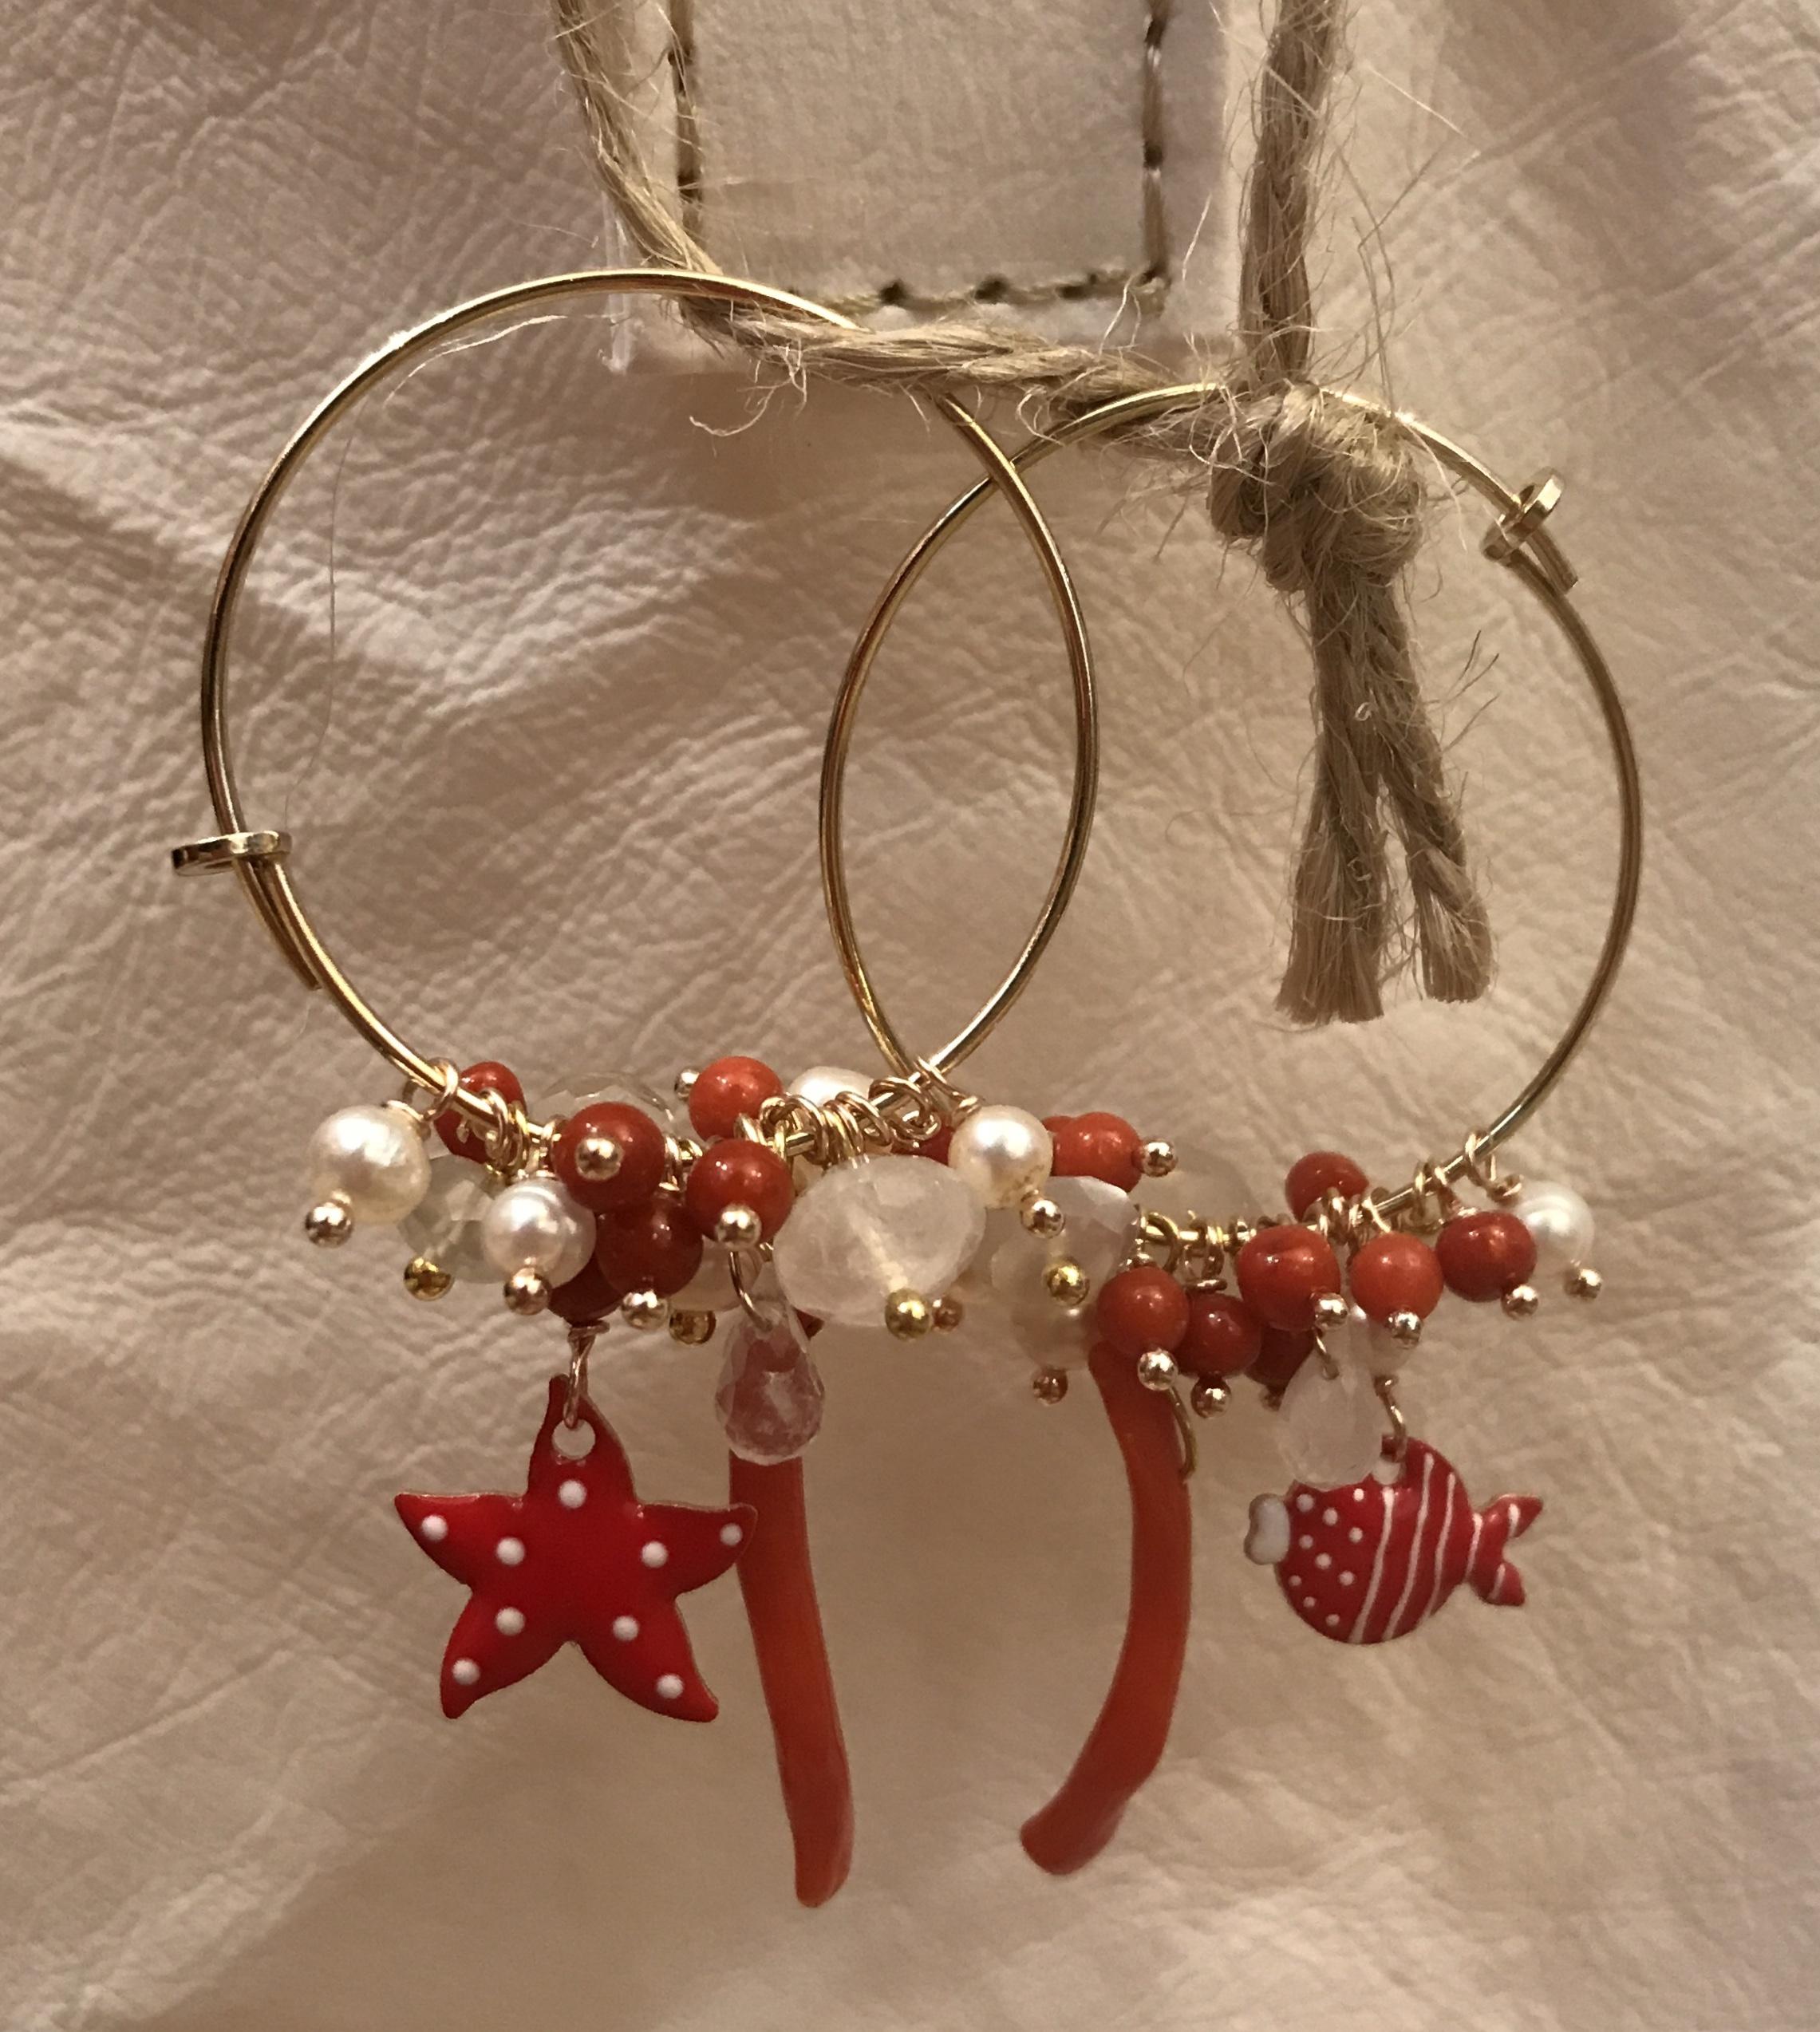 Orecchini argento con corallo, perle acqua dolce, labradorite.bianco e charms smaltat